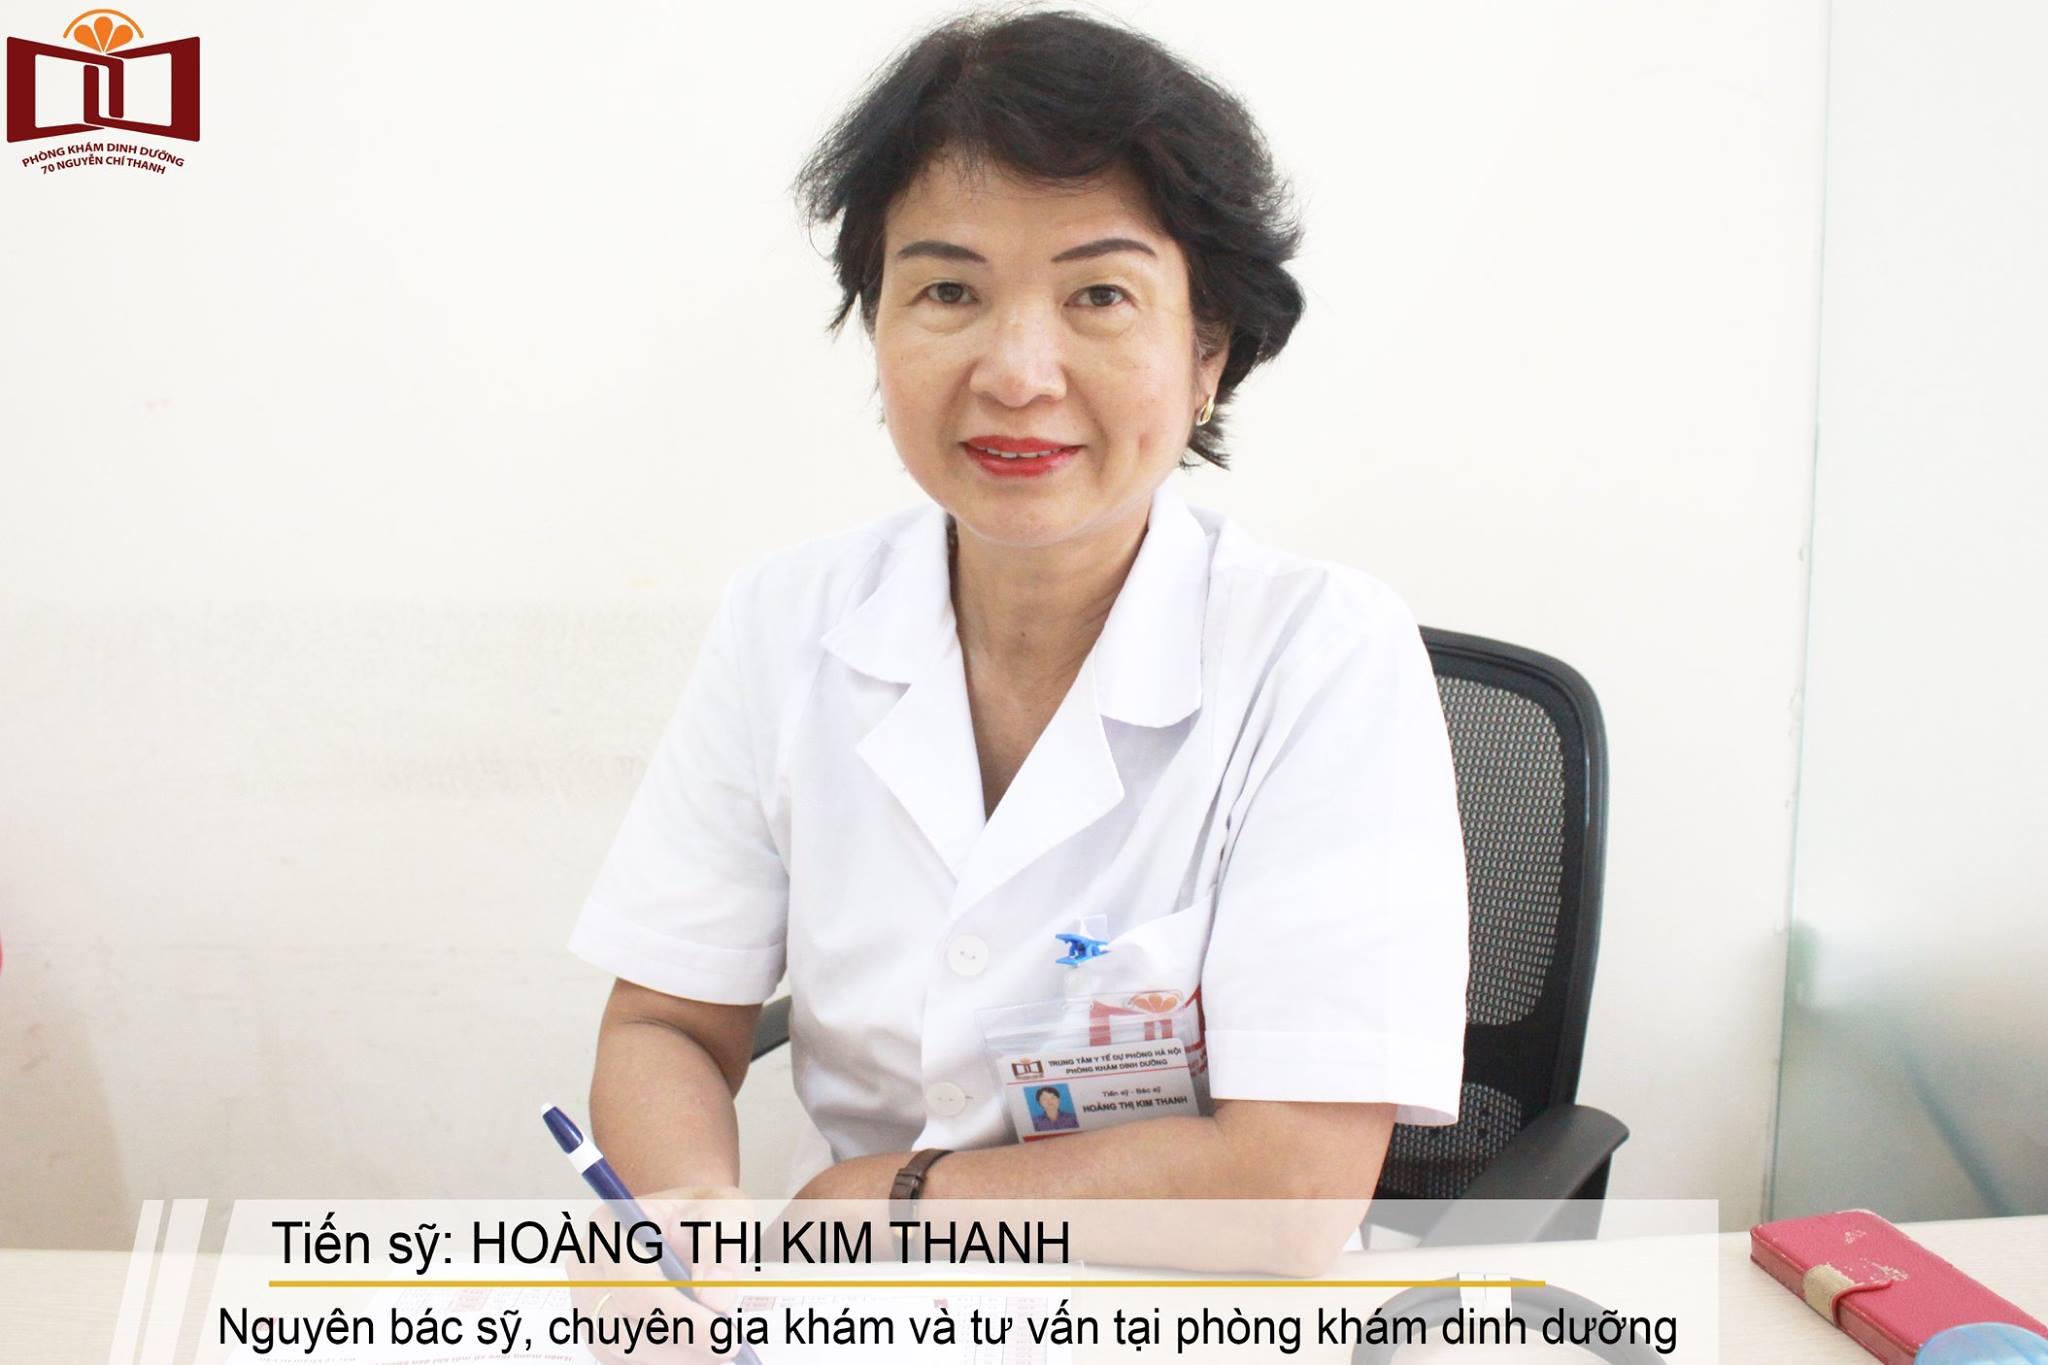 Bác sỹ Hoàng Kim thanh